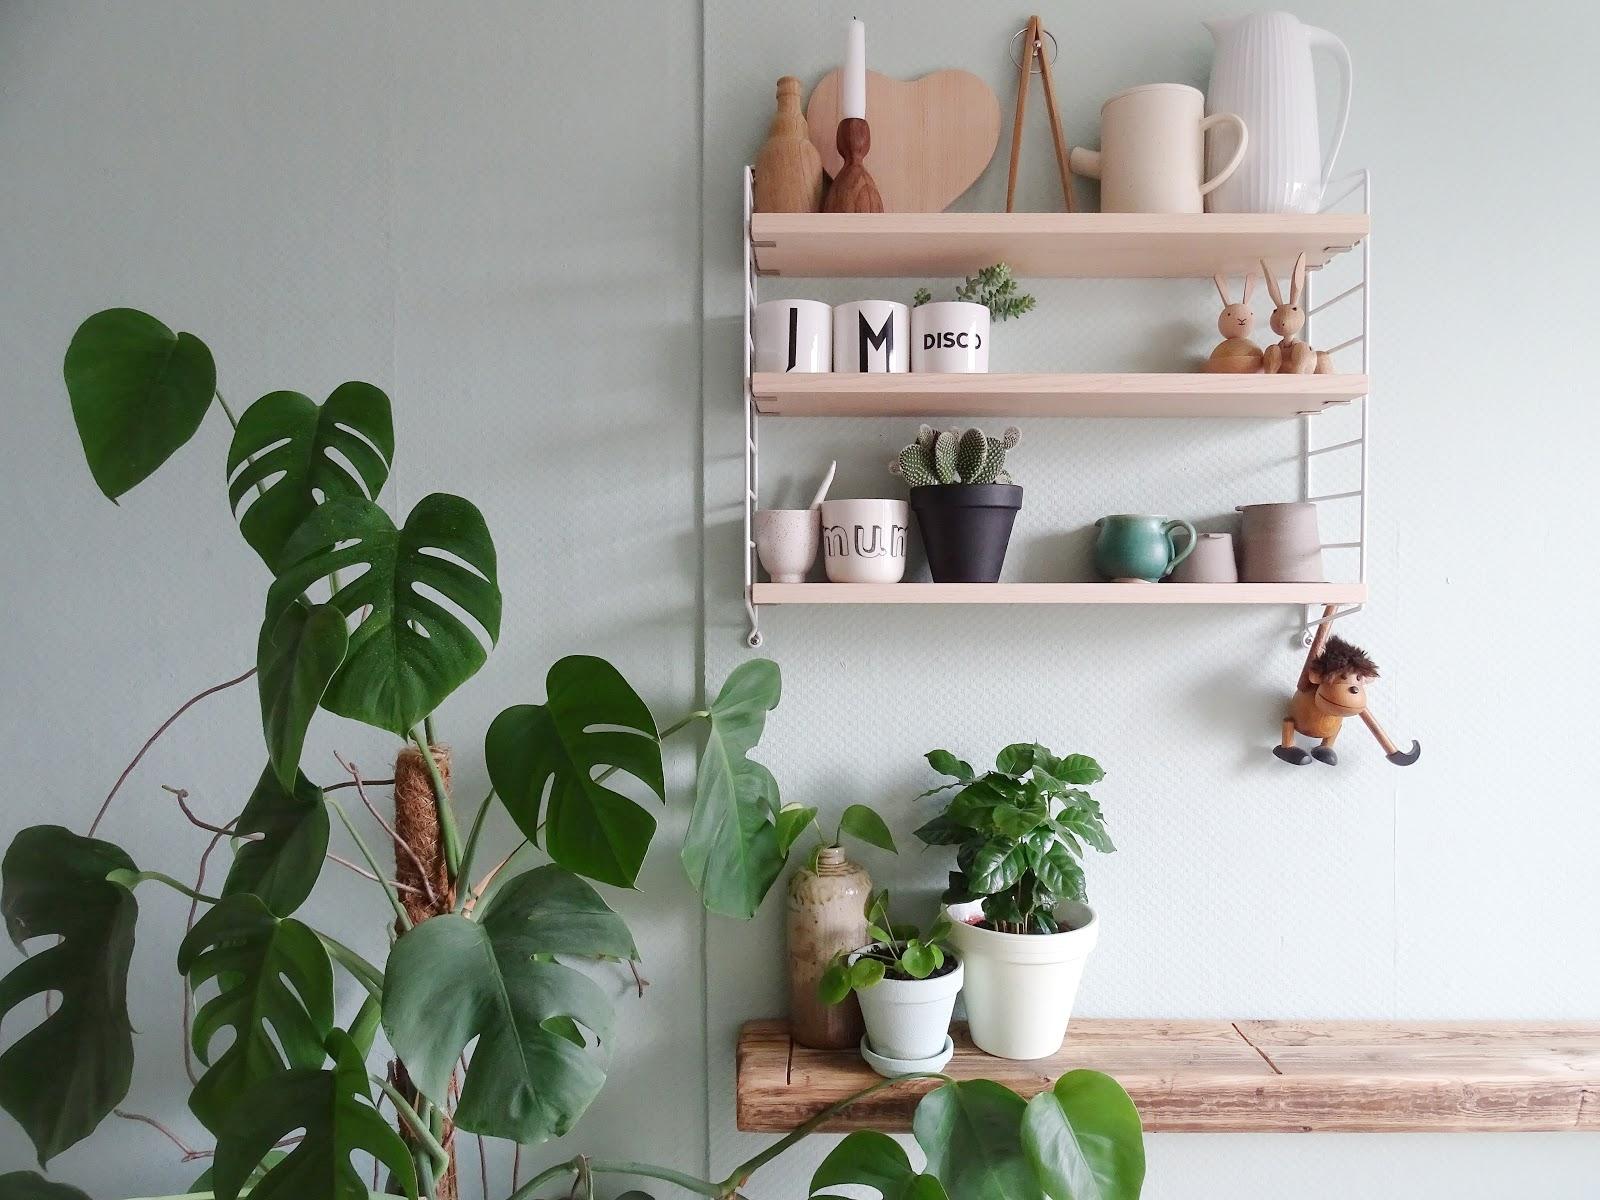 auf der mammilade n seite des lebens personal lifestyle diy and interior blog k chen. Black Bedroom Furniture Sets. Home Design Ideas